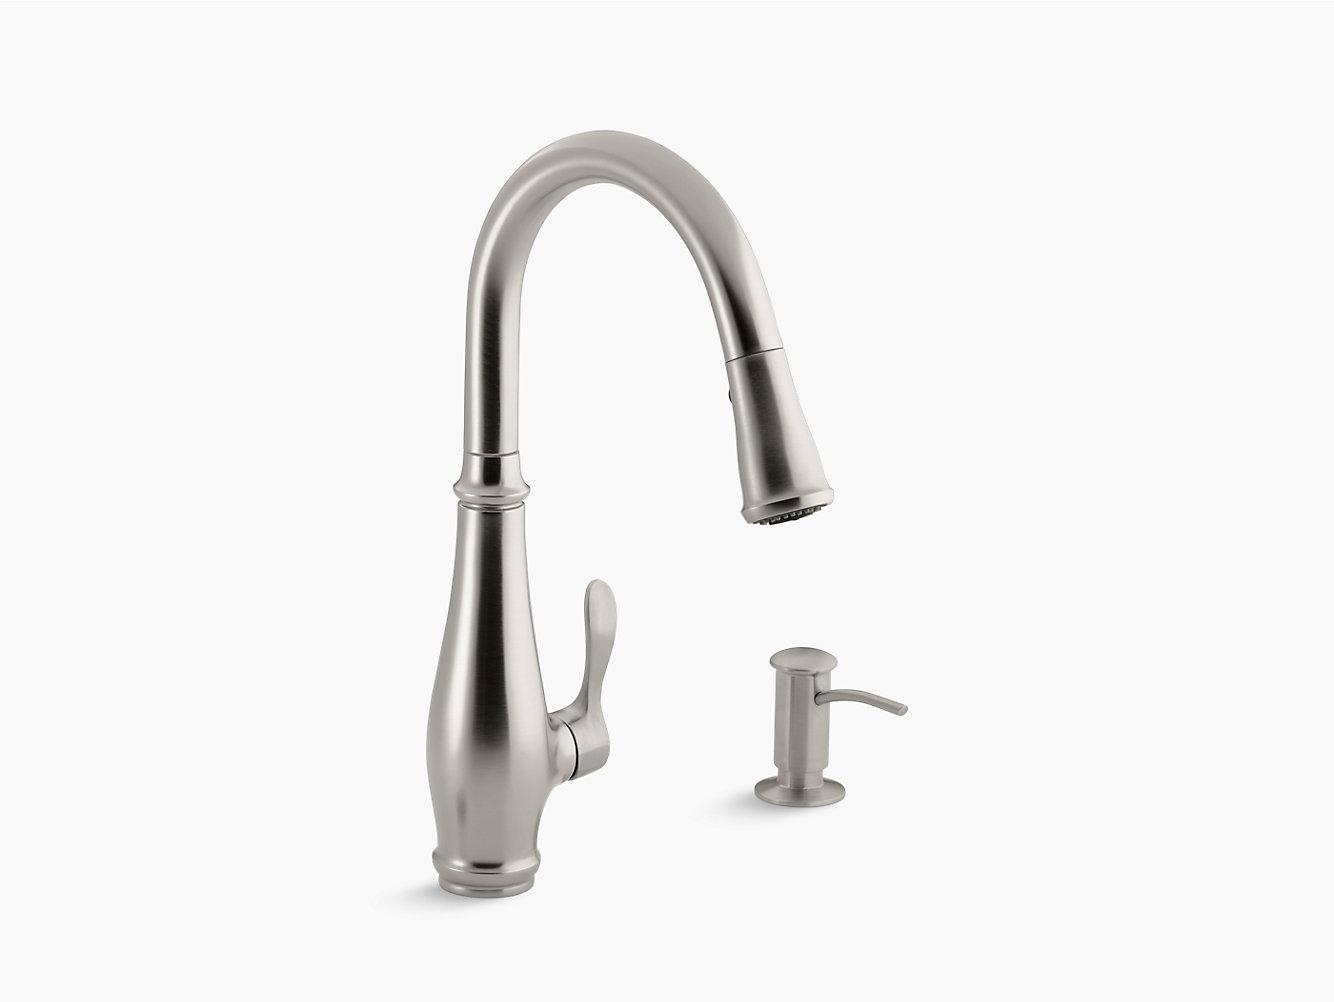 Cruette Pull-Down Kitchen Faucet w/ Dispenser | K-R780 | KOHLER